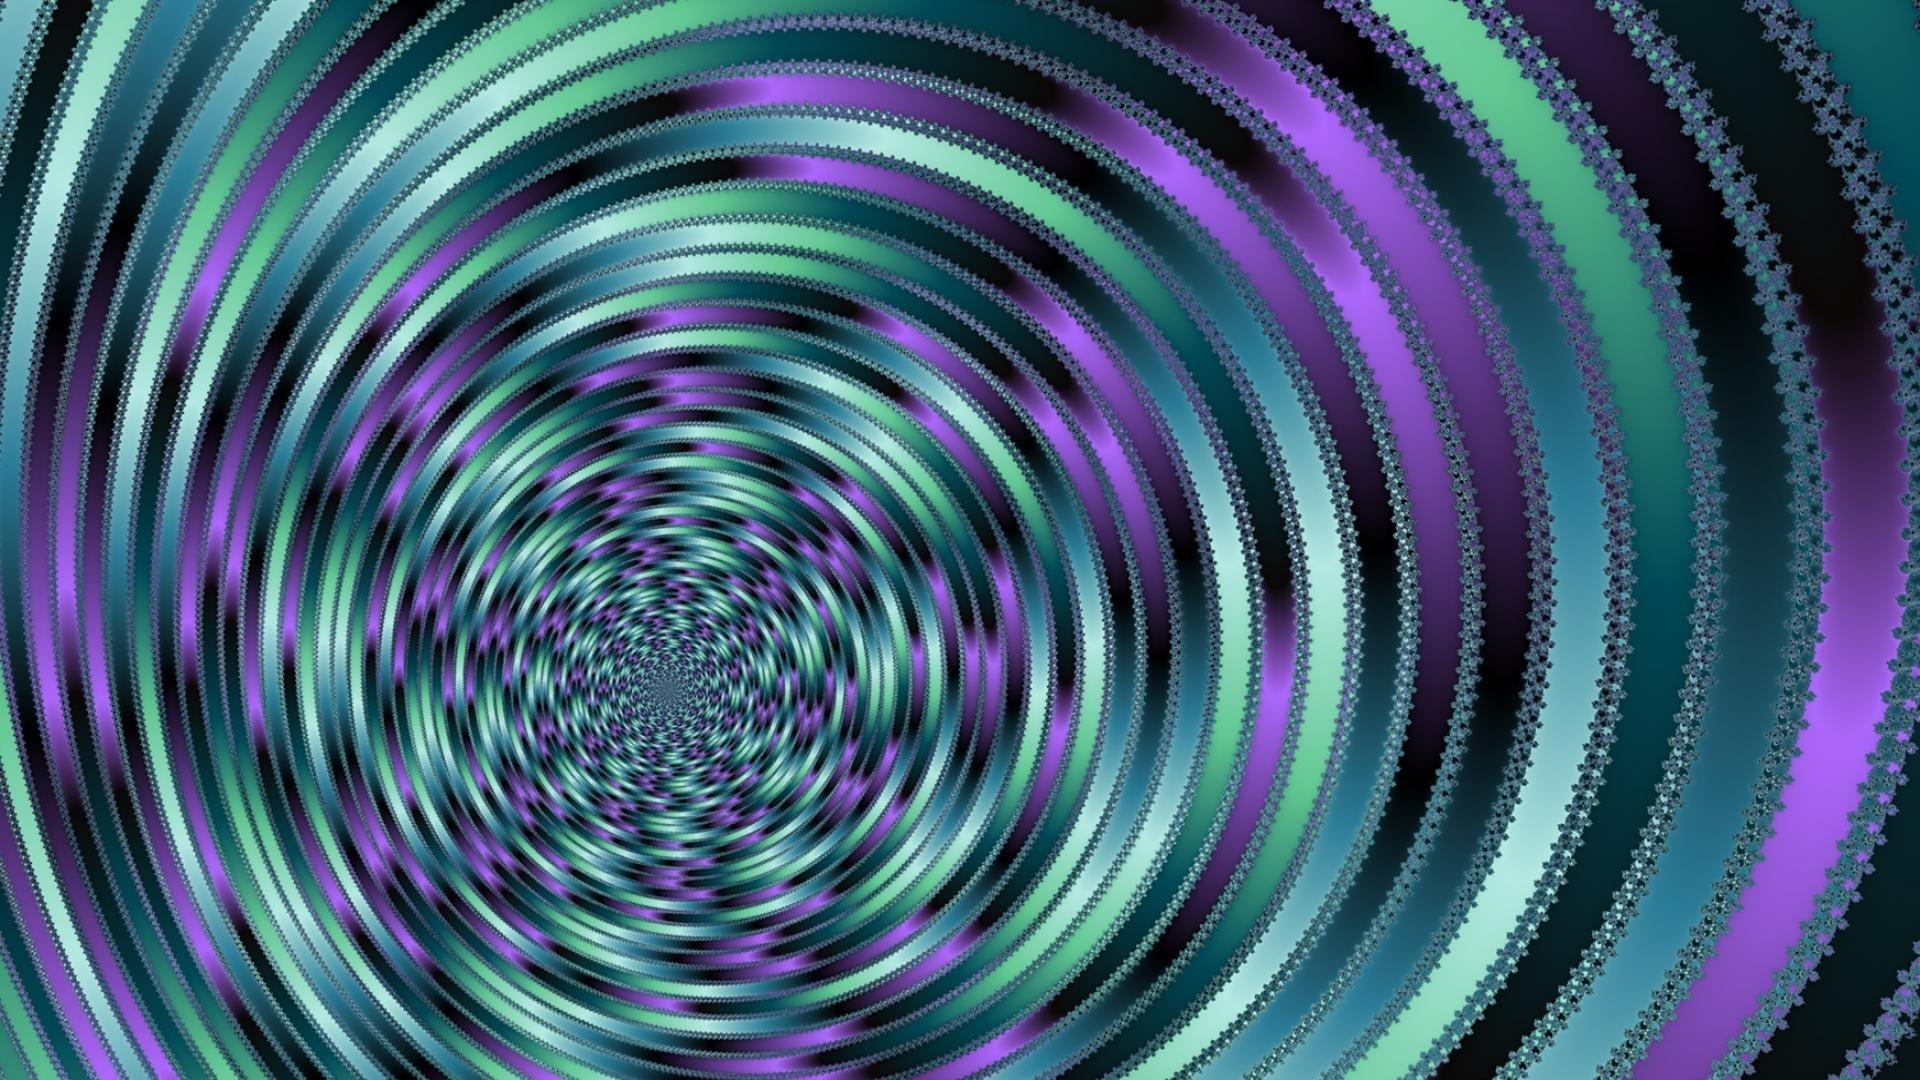 дополнительные анимация статичной фотографии надежно укрыта